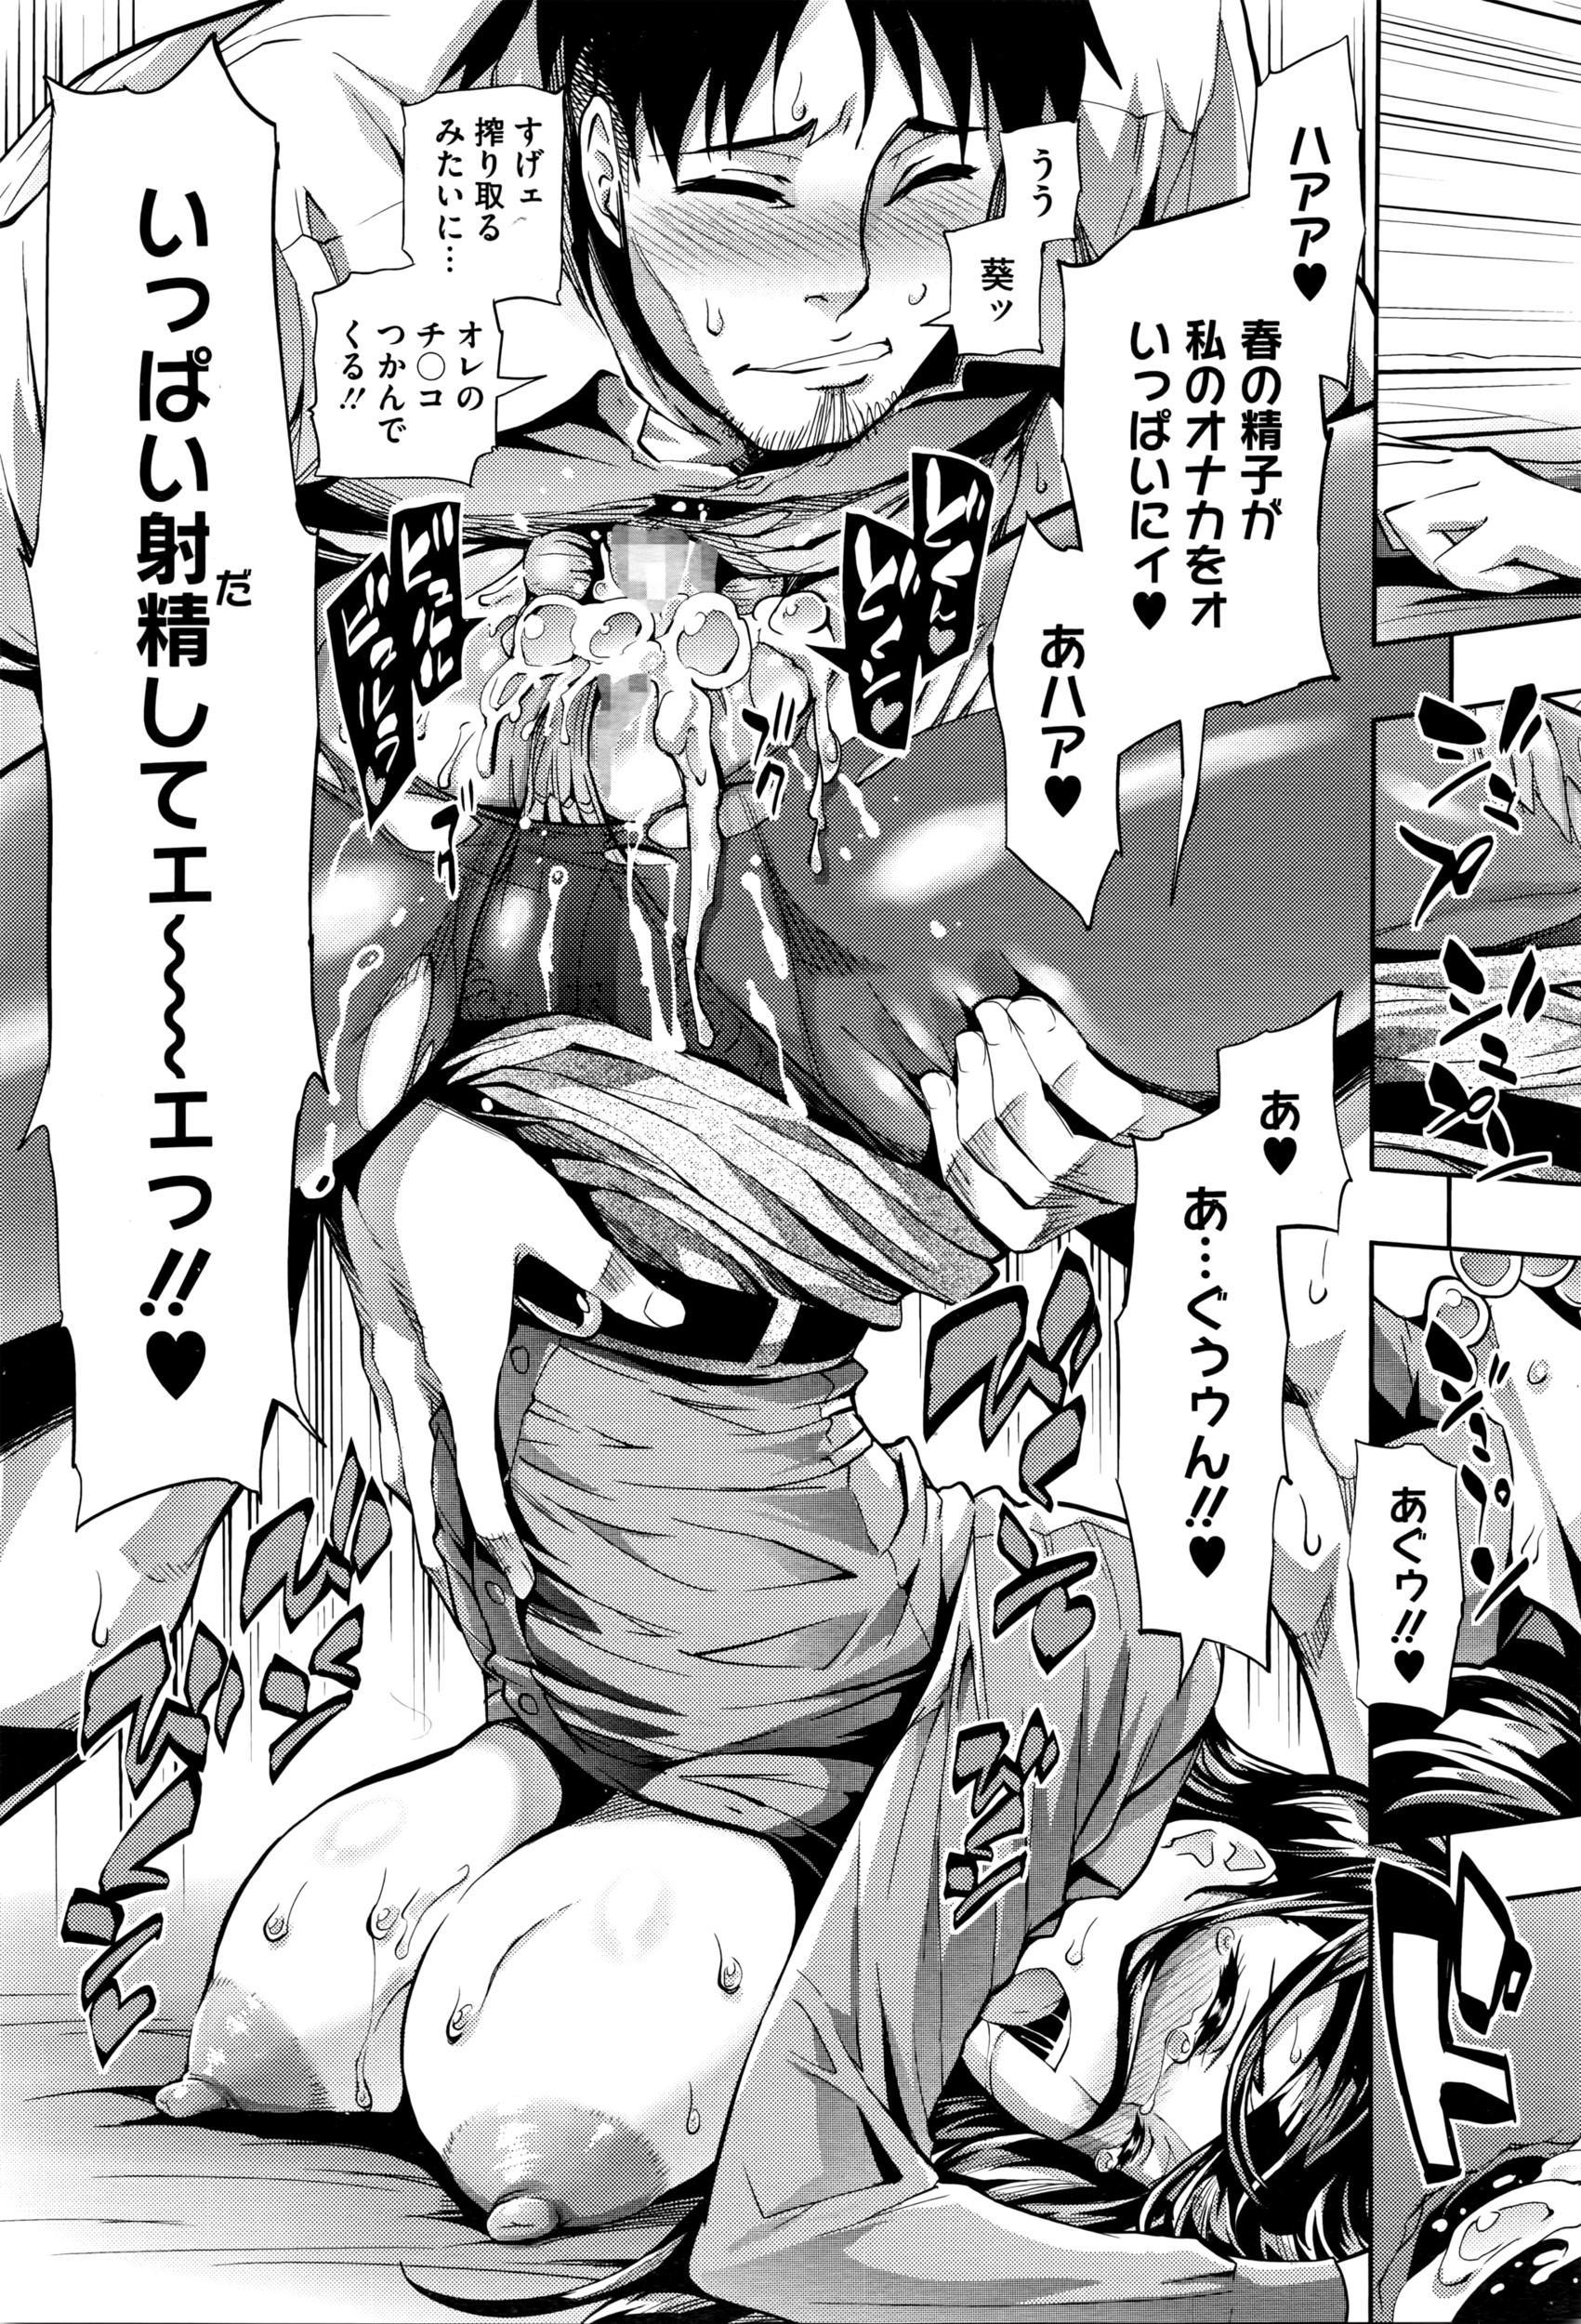 COMIC Megastore Alpha 2016-04 67